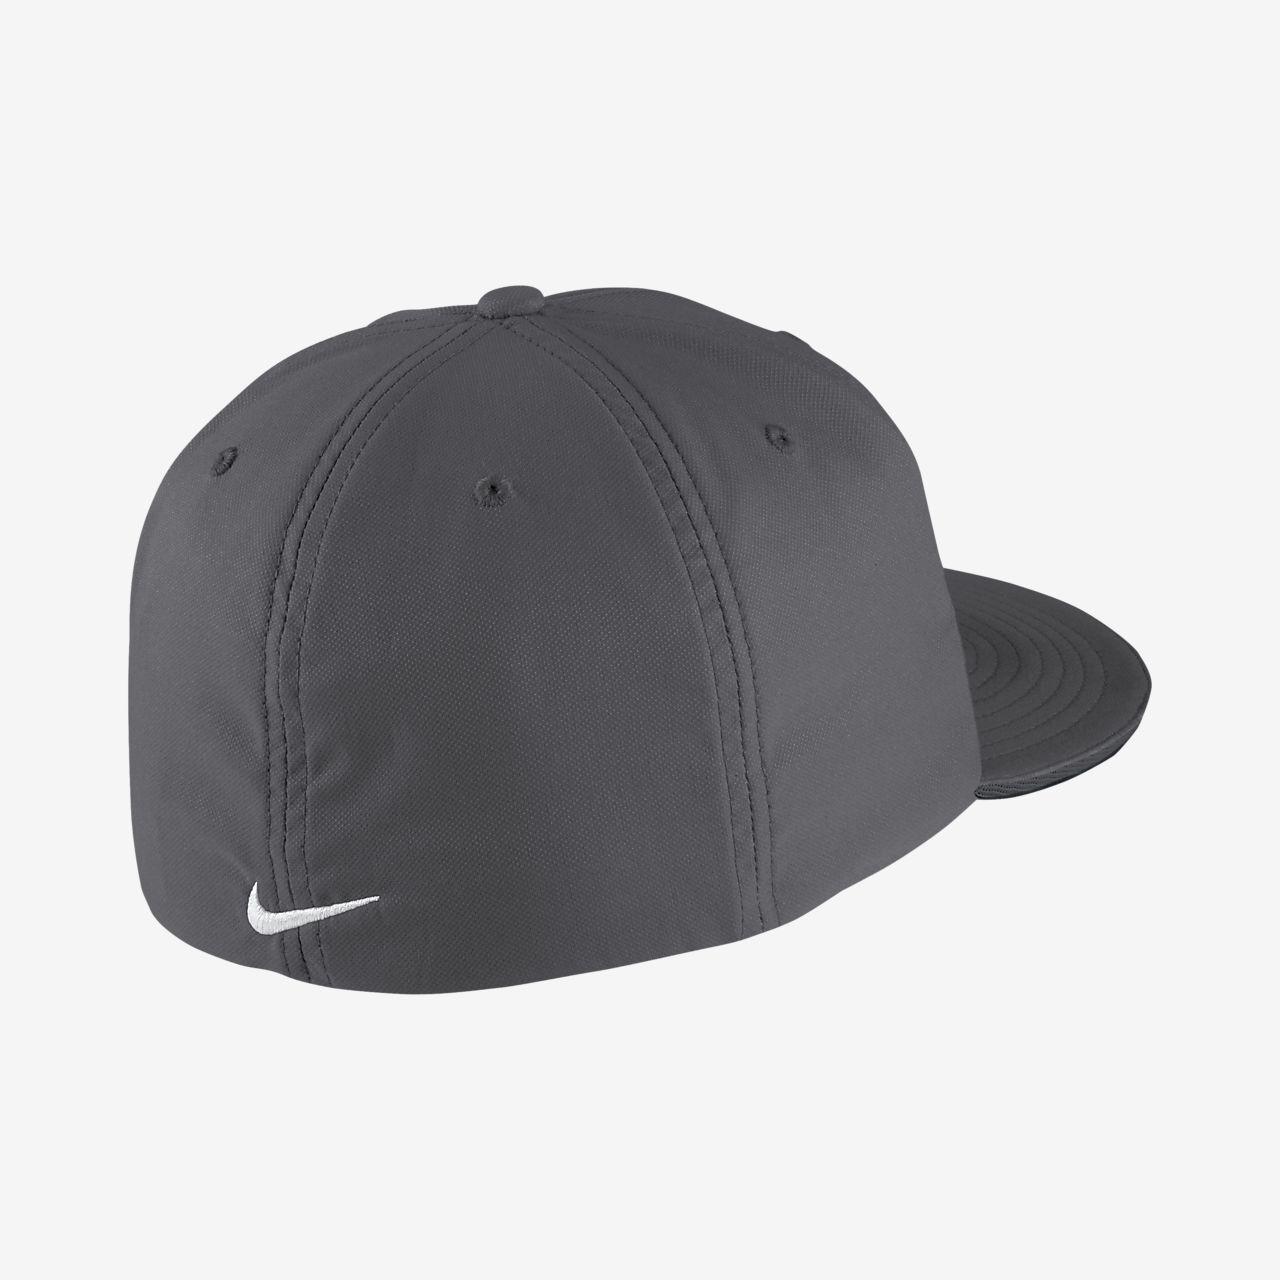 cappello nike golf  Fino al 36% di sconto 8e6d19624b04